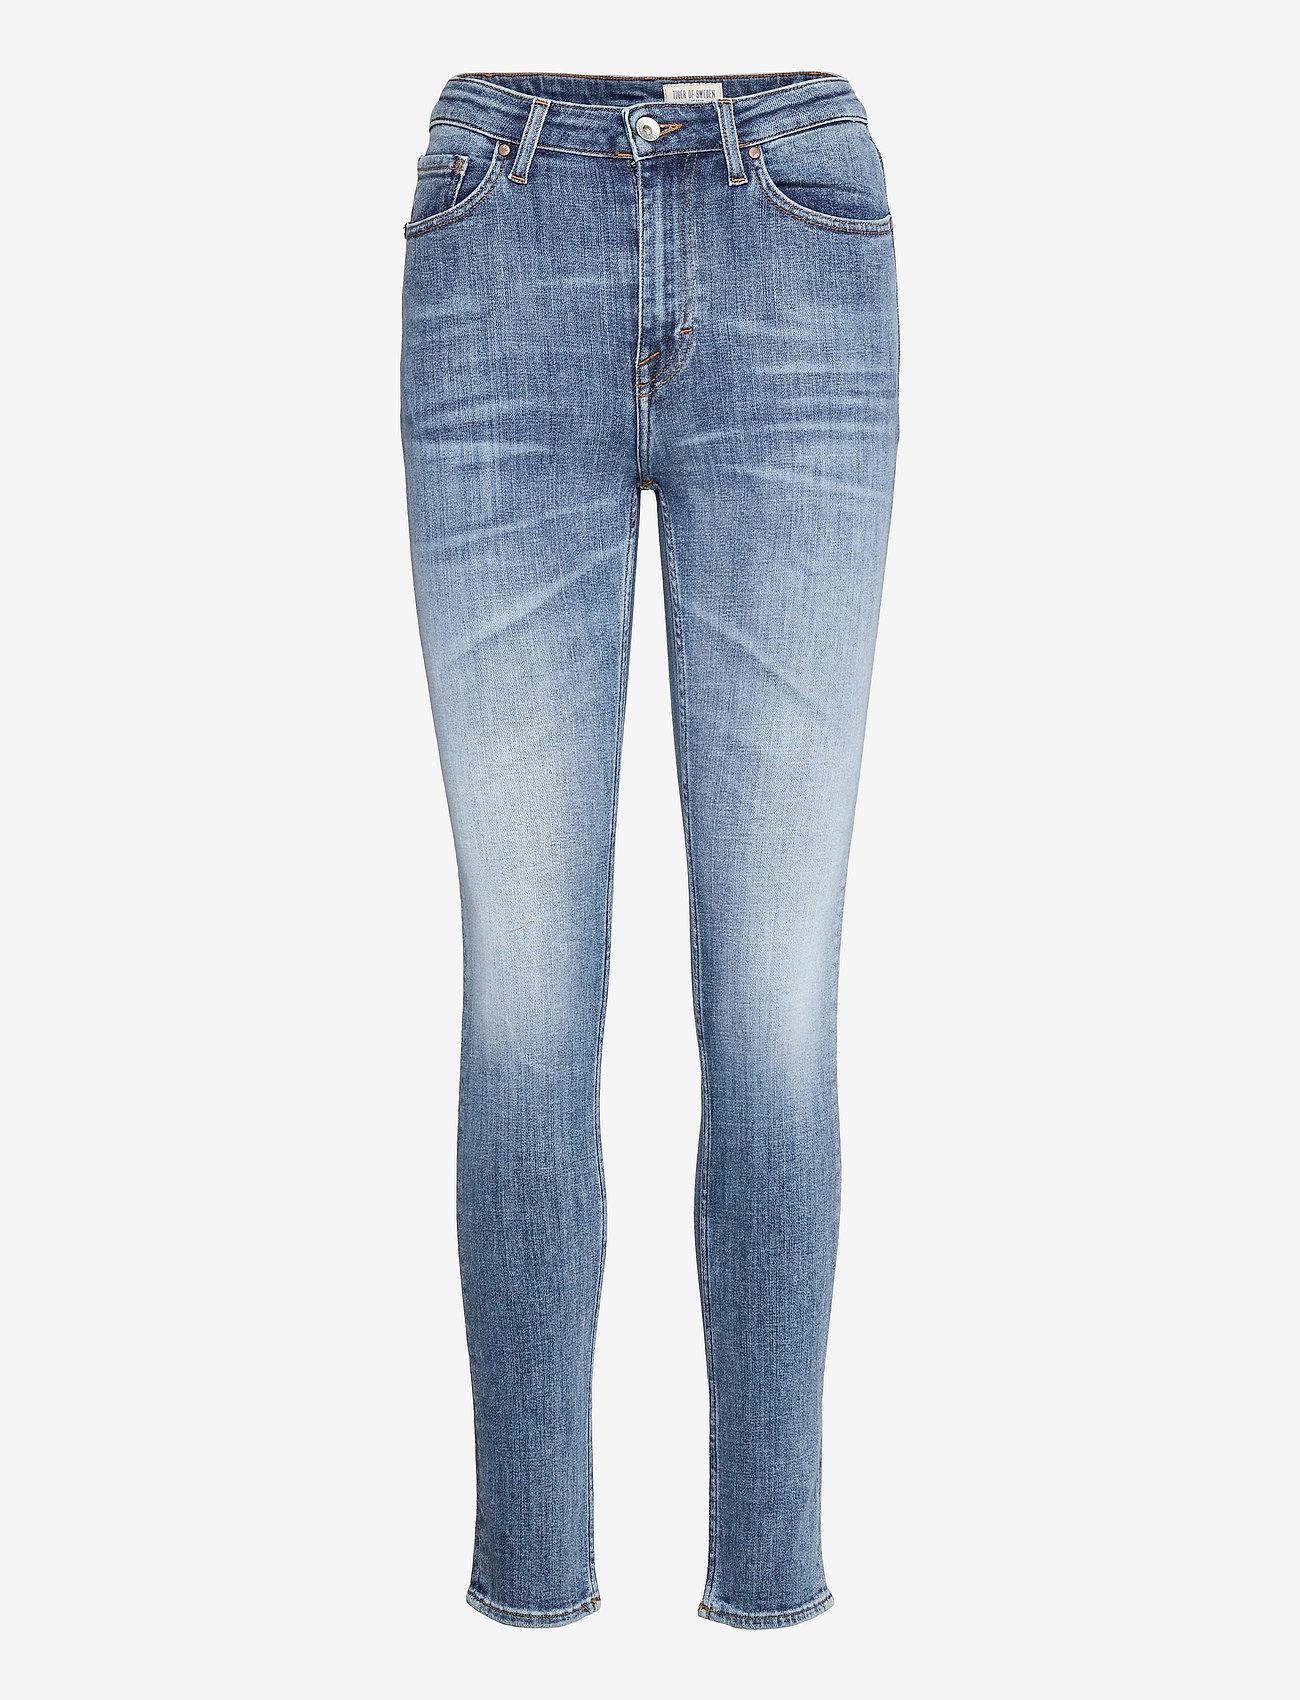 Tiger of Sweden Jeans - SHELLY - slim jeans - royal blue - 0